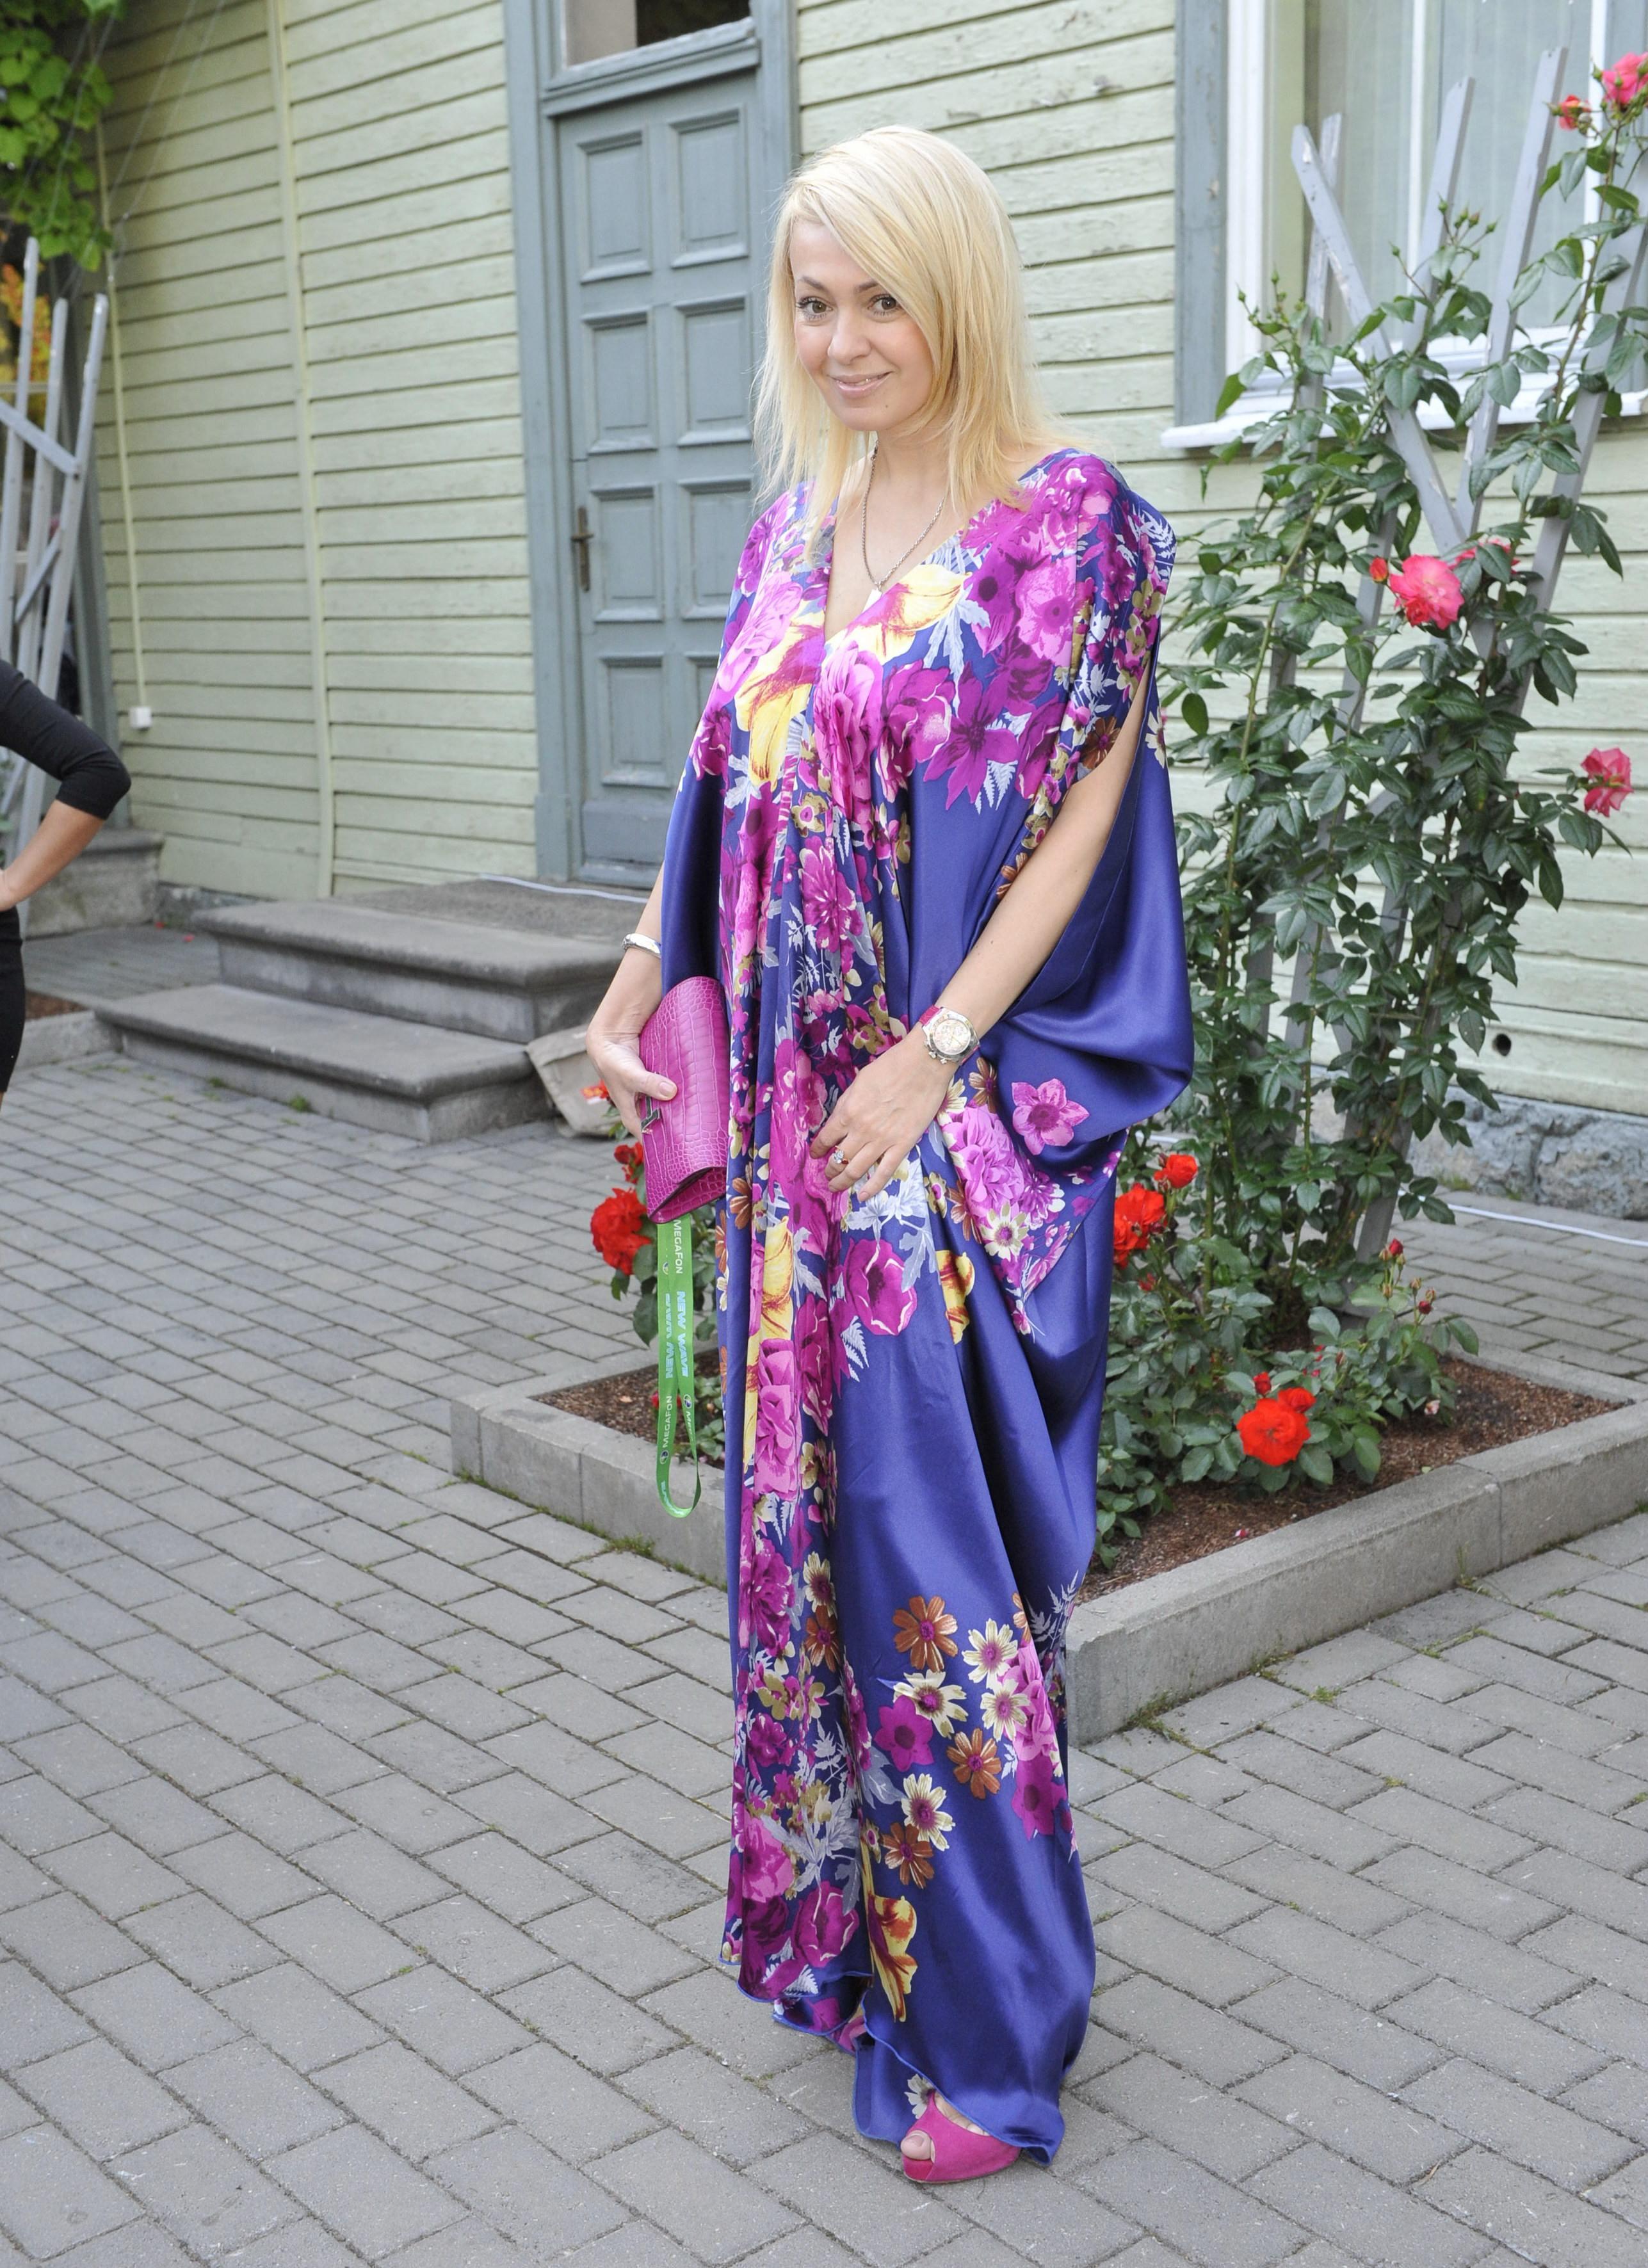 Рудковская забыла переодеться перед выходом на улицу